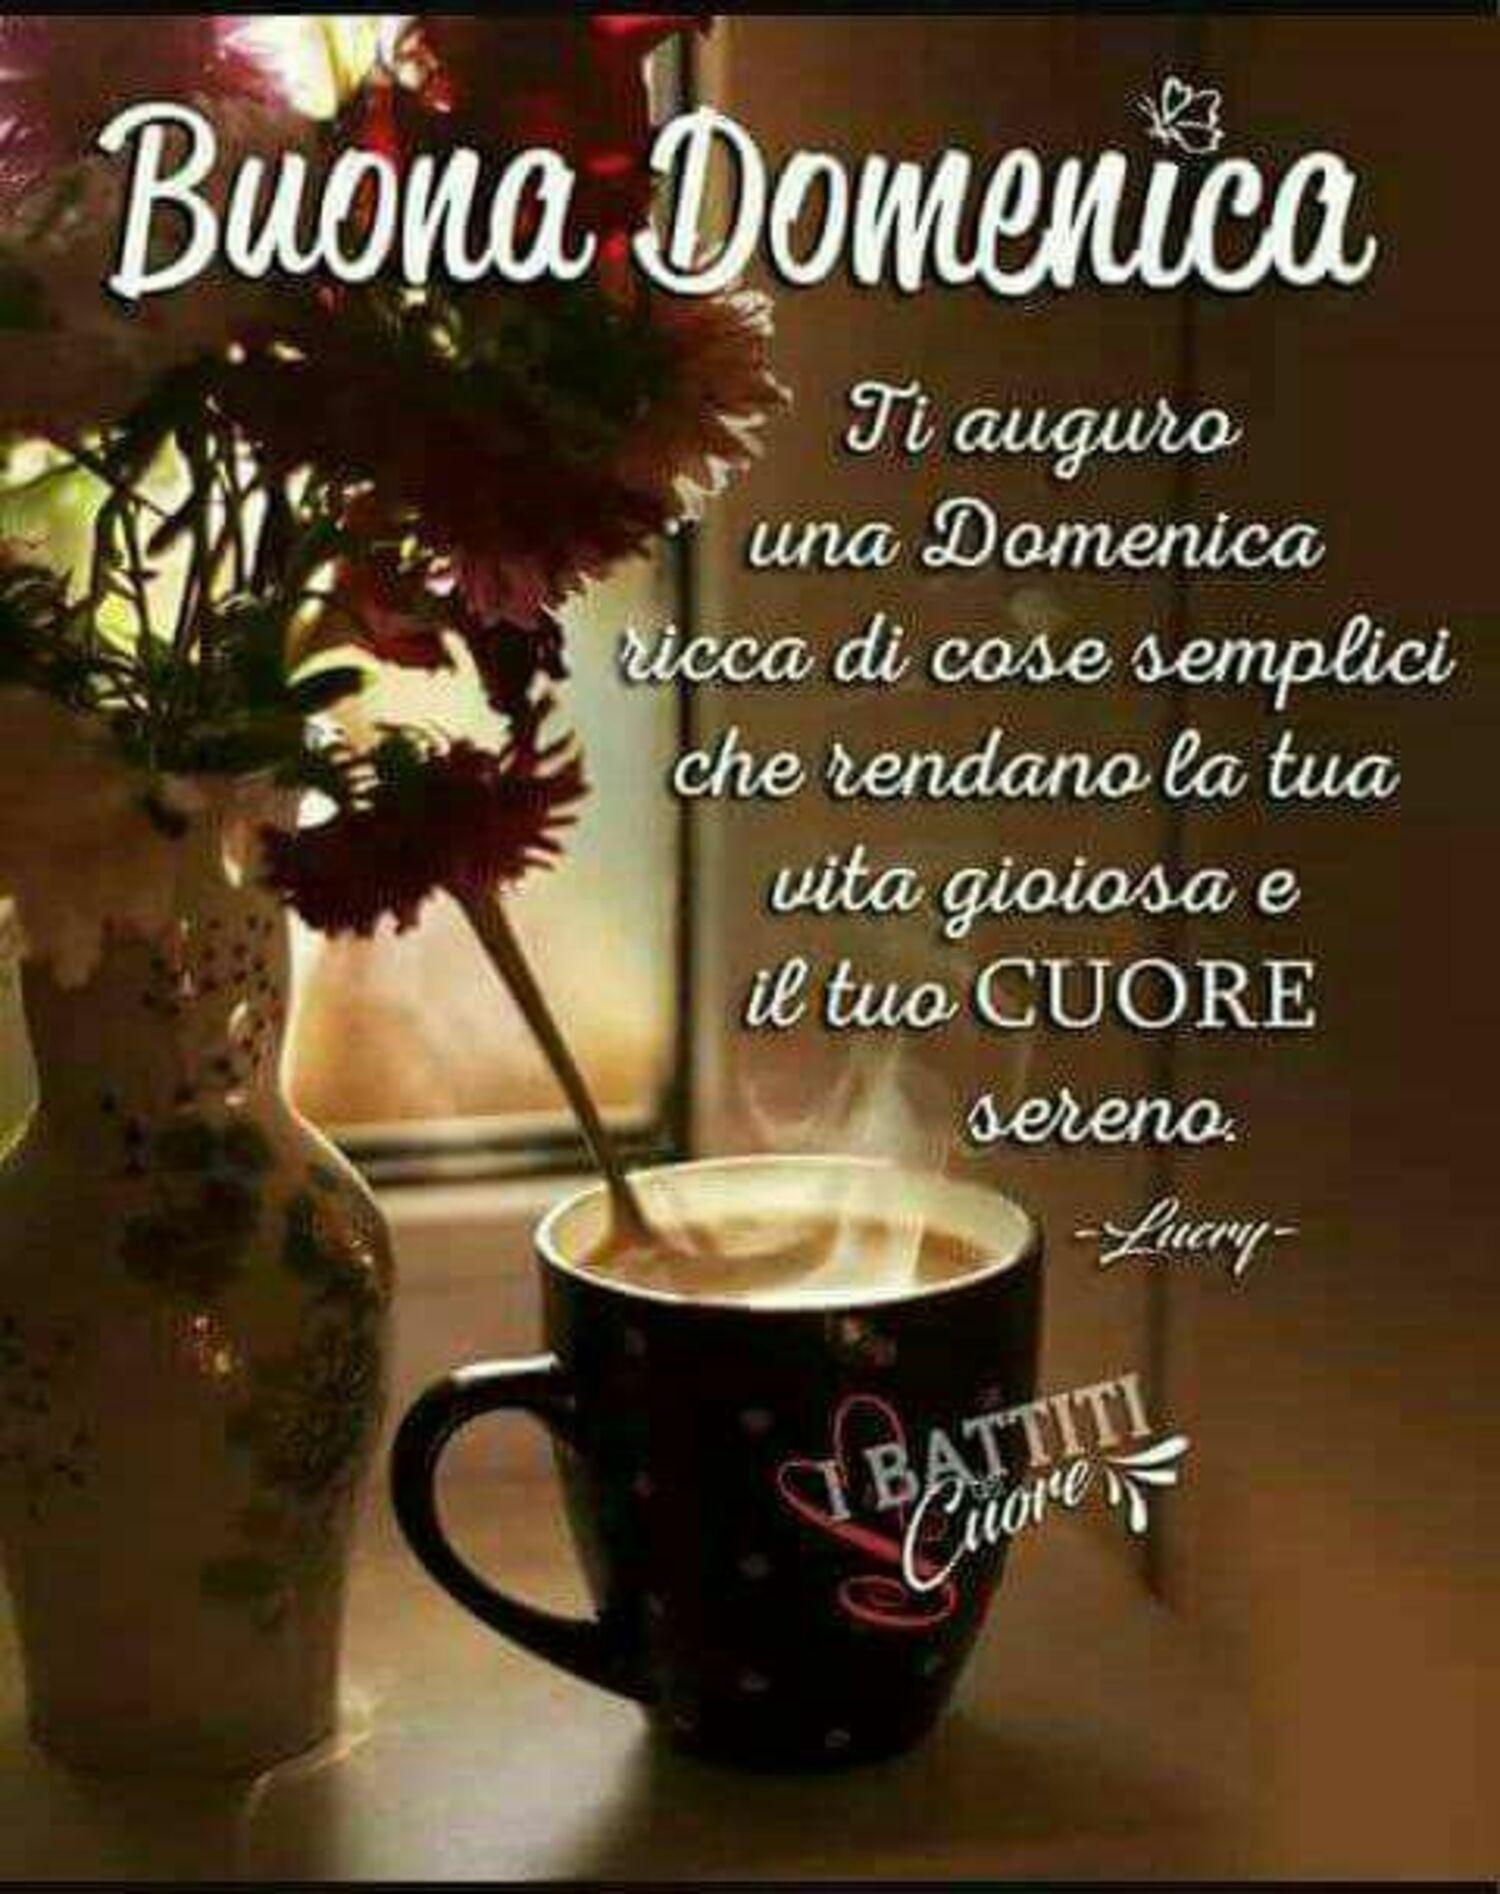 Buona Domenica ti auguro una Domenica ricca di cose semplici che rendono la tua vita gioiosa e il tuo cuore sereno